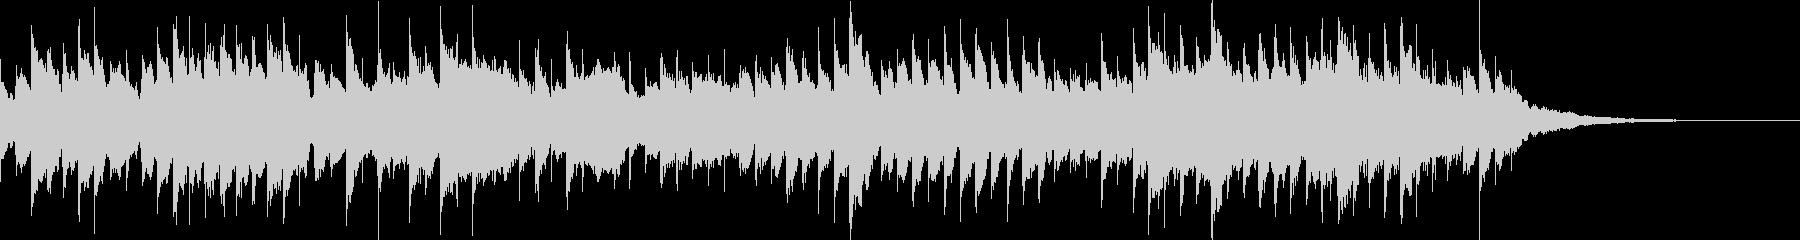 せつない雰囲気のオルゴールの未再生の波形